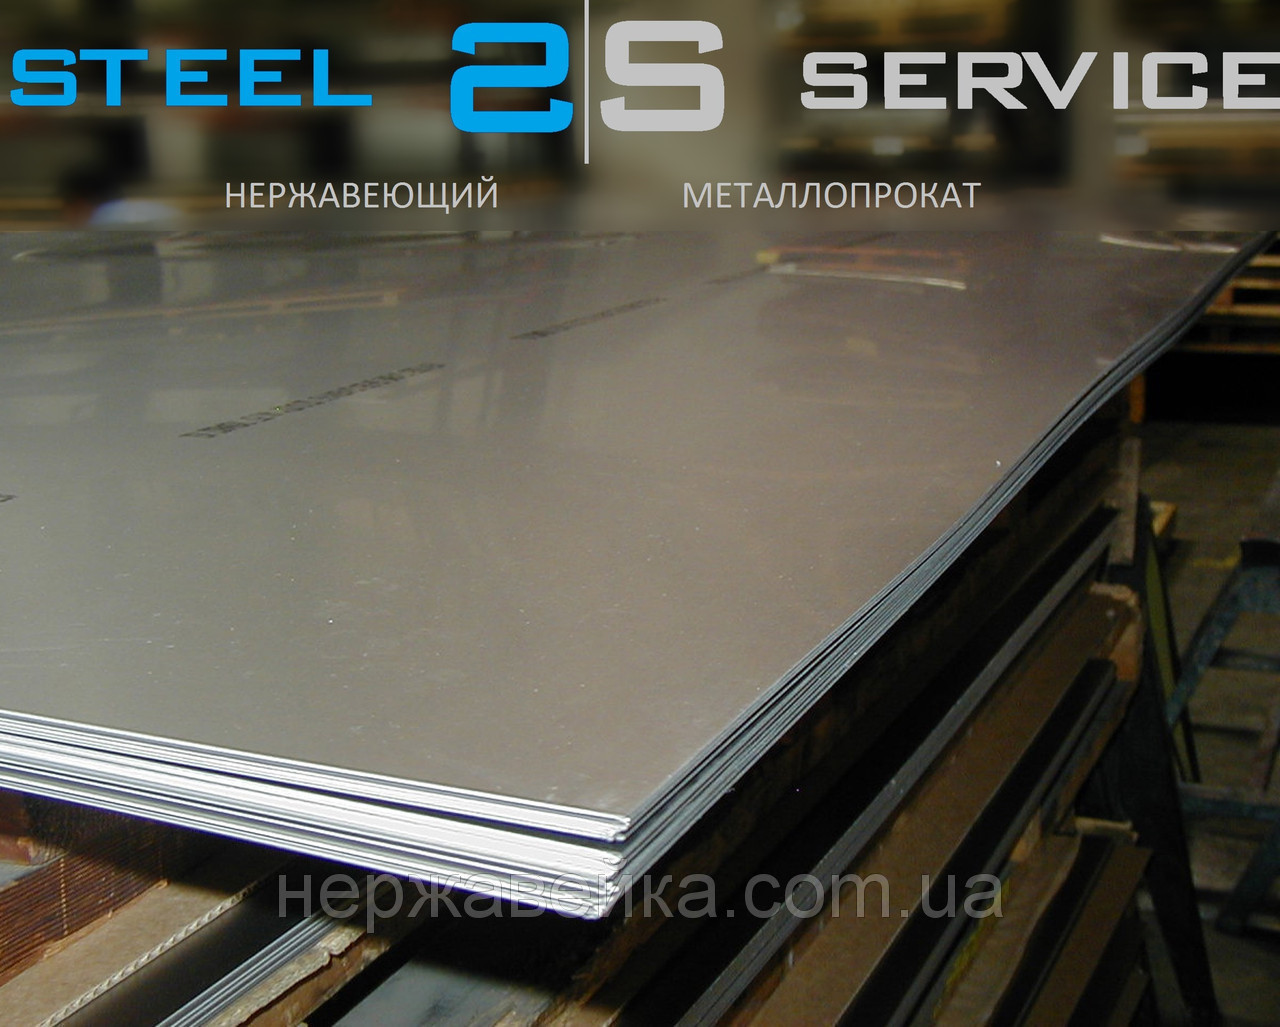 Нержавеющий лист 1,5х1500х3000мм  AISI 321(08Х18Н10Т) 2B - матовый,  пищевой